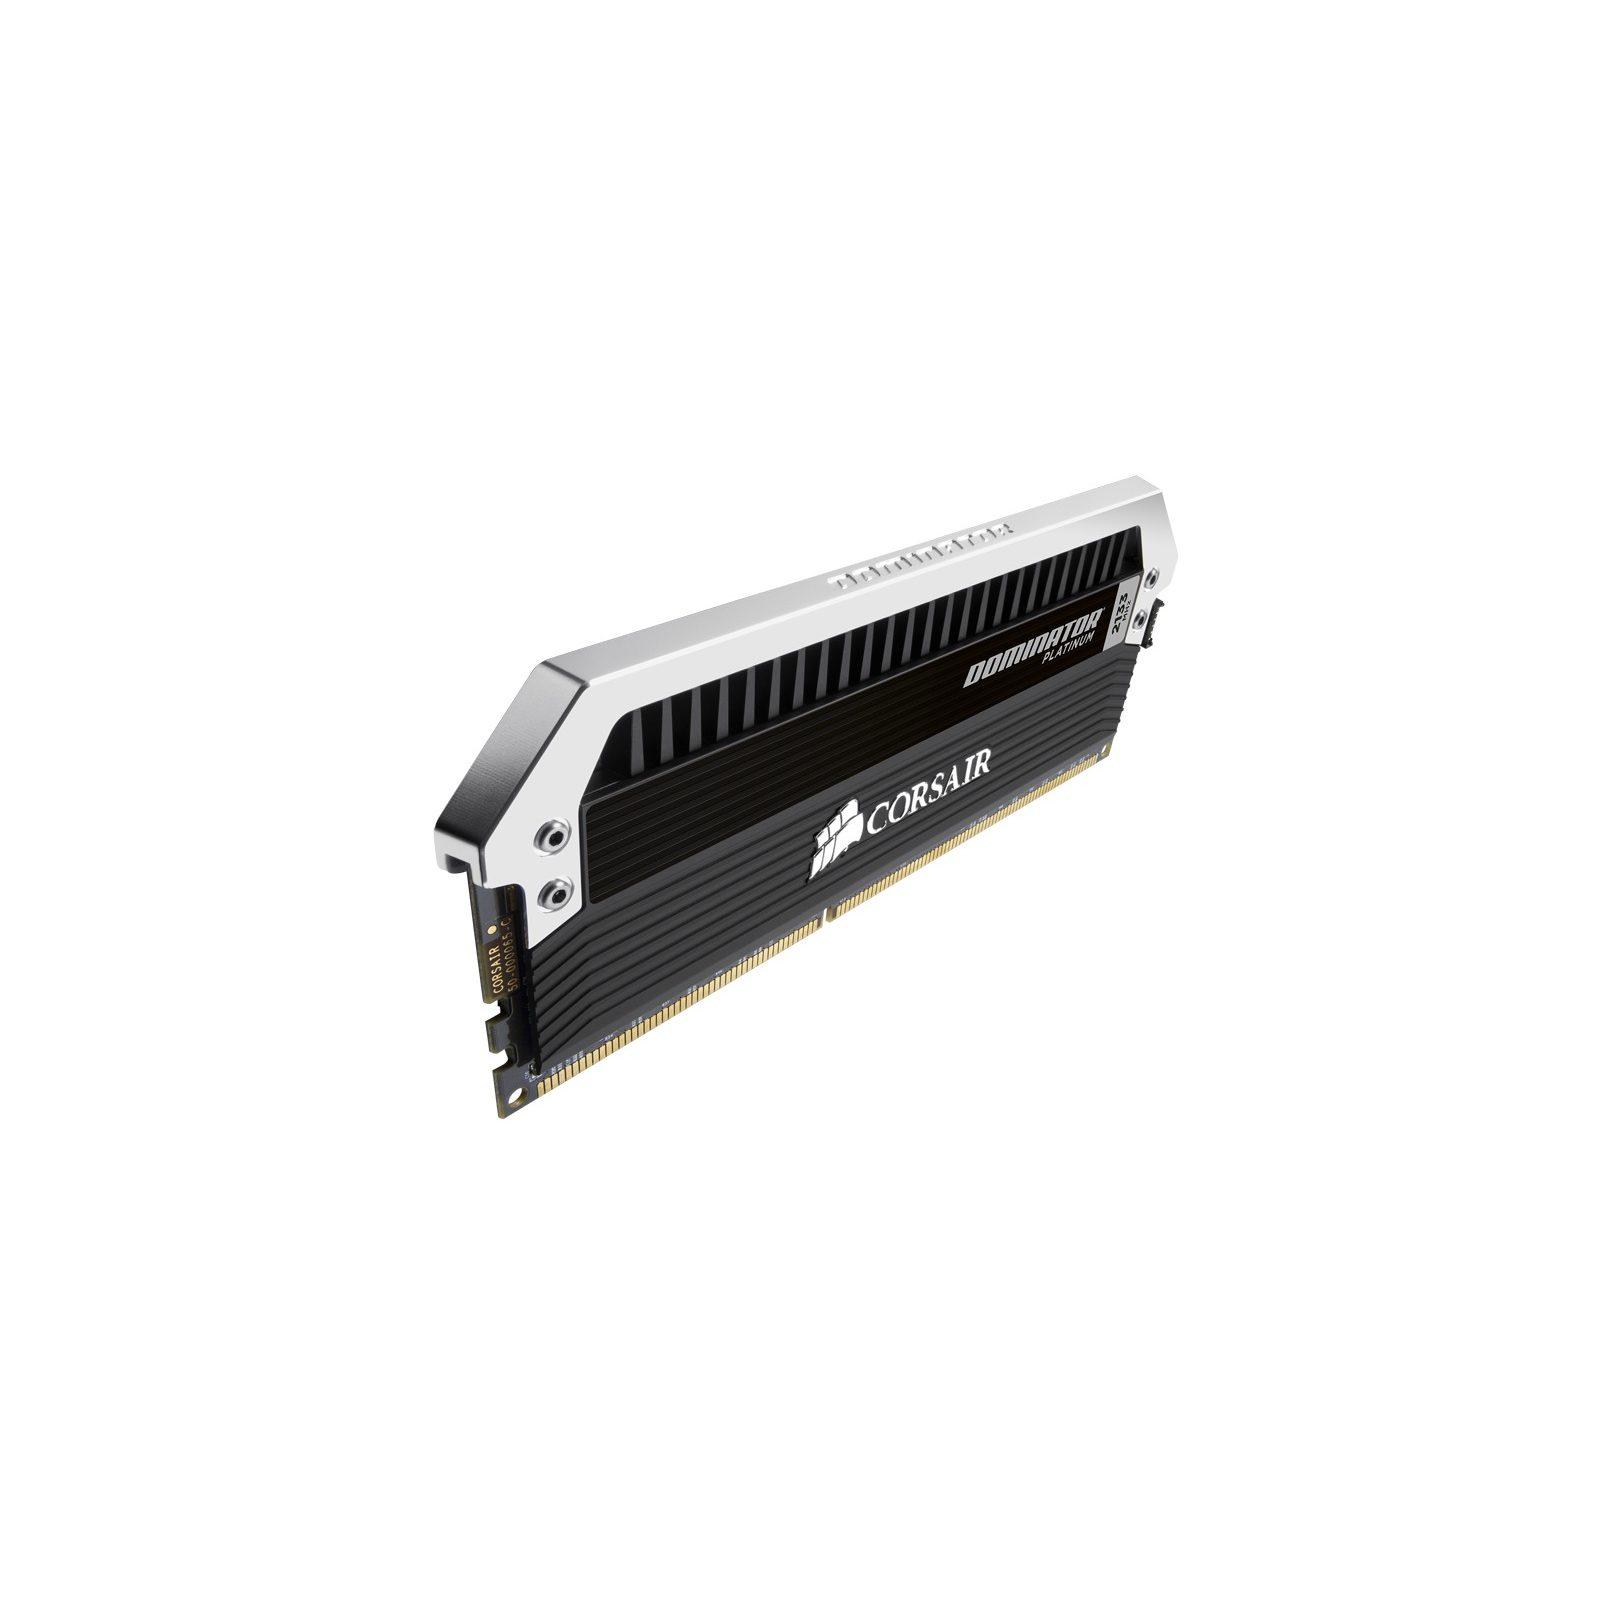 Модуль памяти для компьютера DDR3 64GB (8x8GB) 2133 MHz CORSAIR (CMD64GX3M8A2133C9) изображение 2